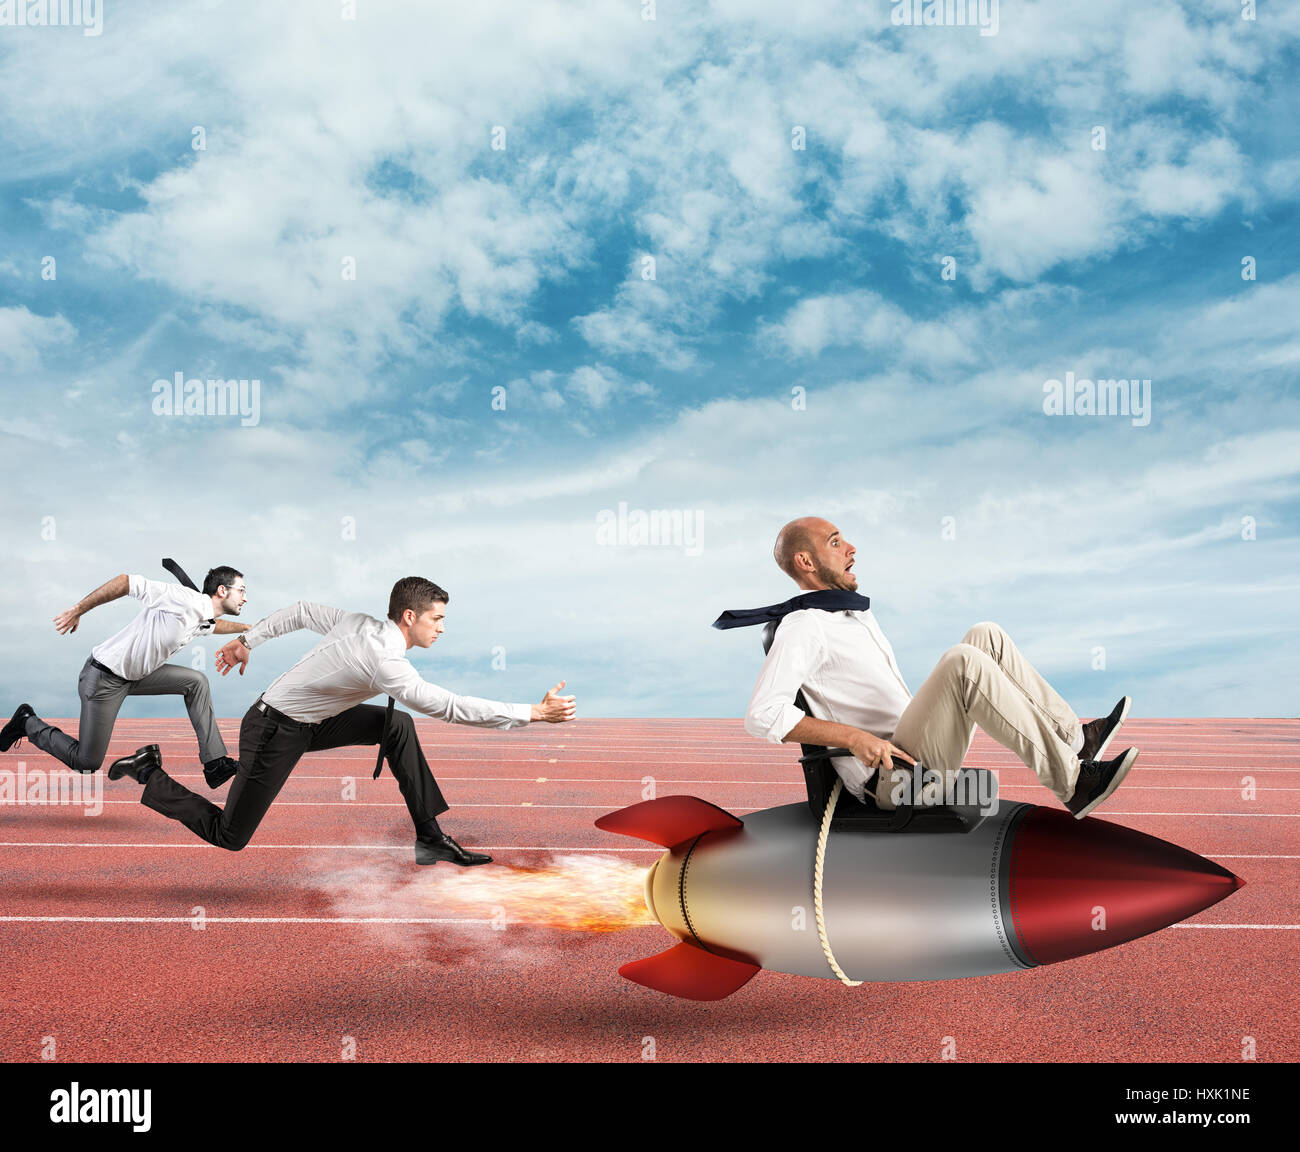 Superar y alcanzar el éxito Imagen De Stock